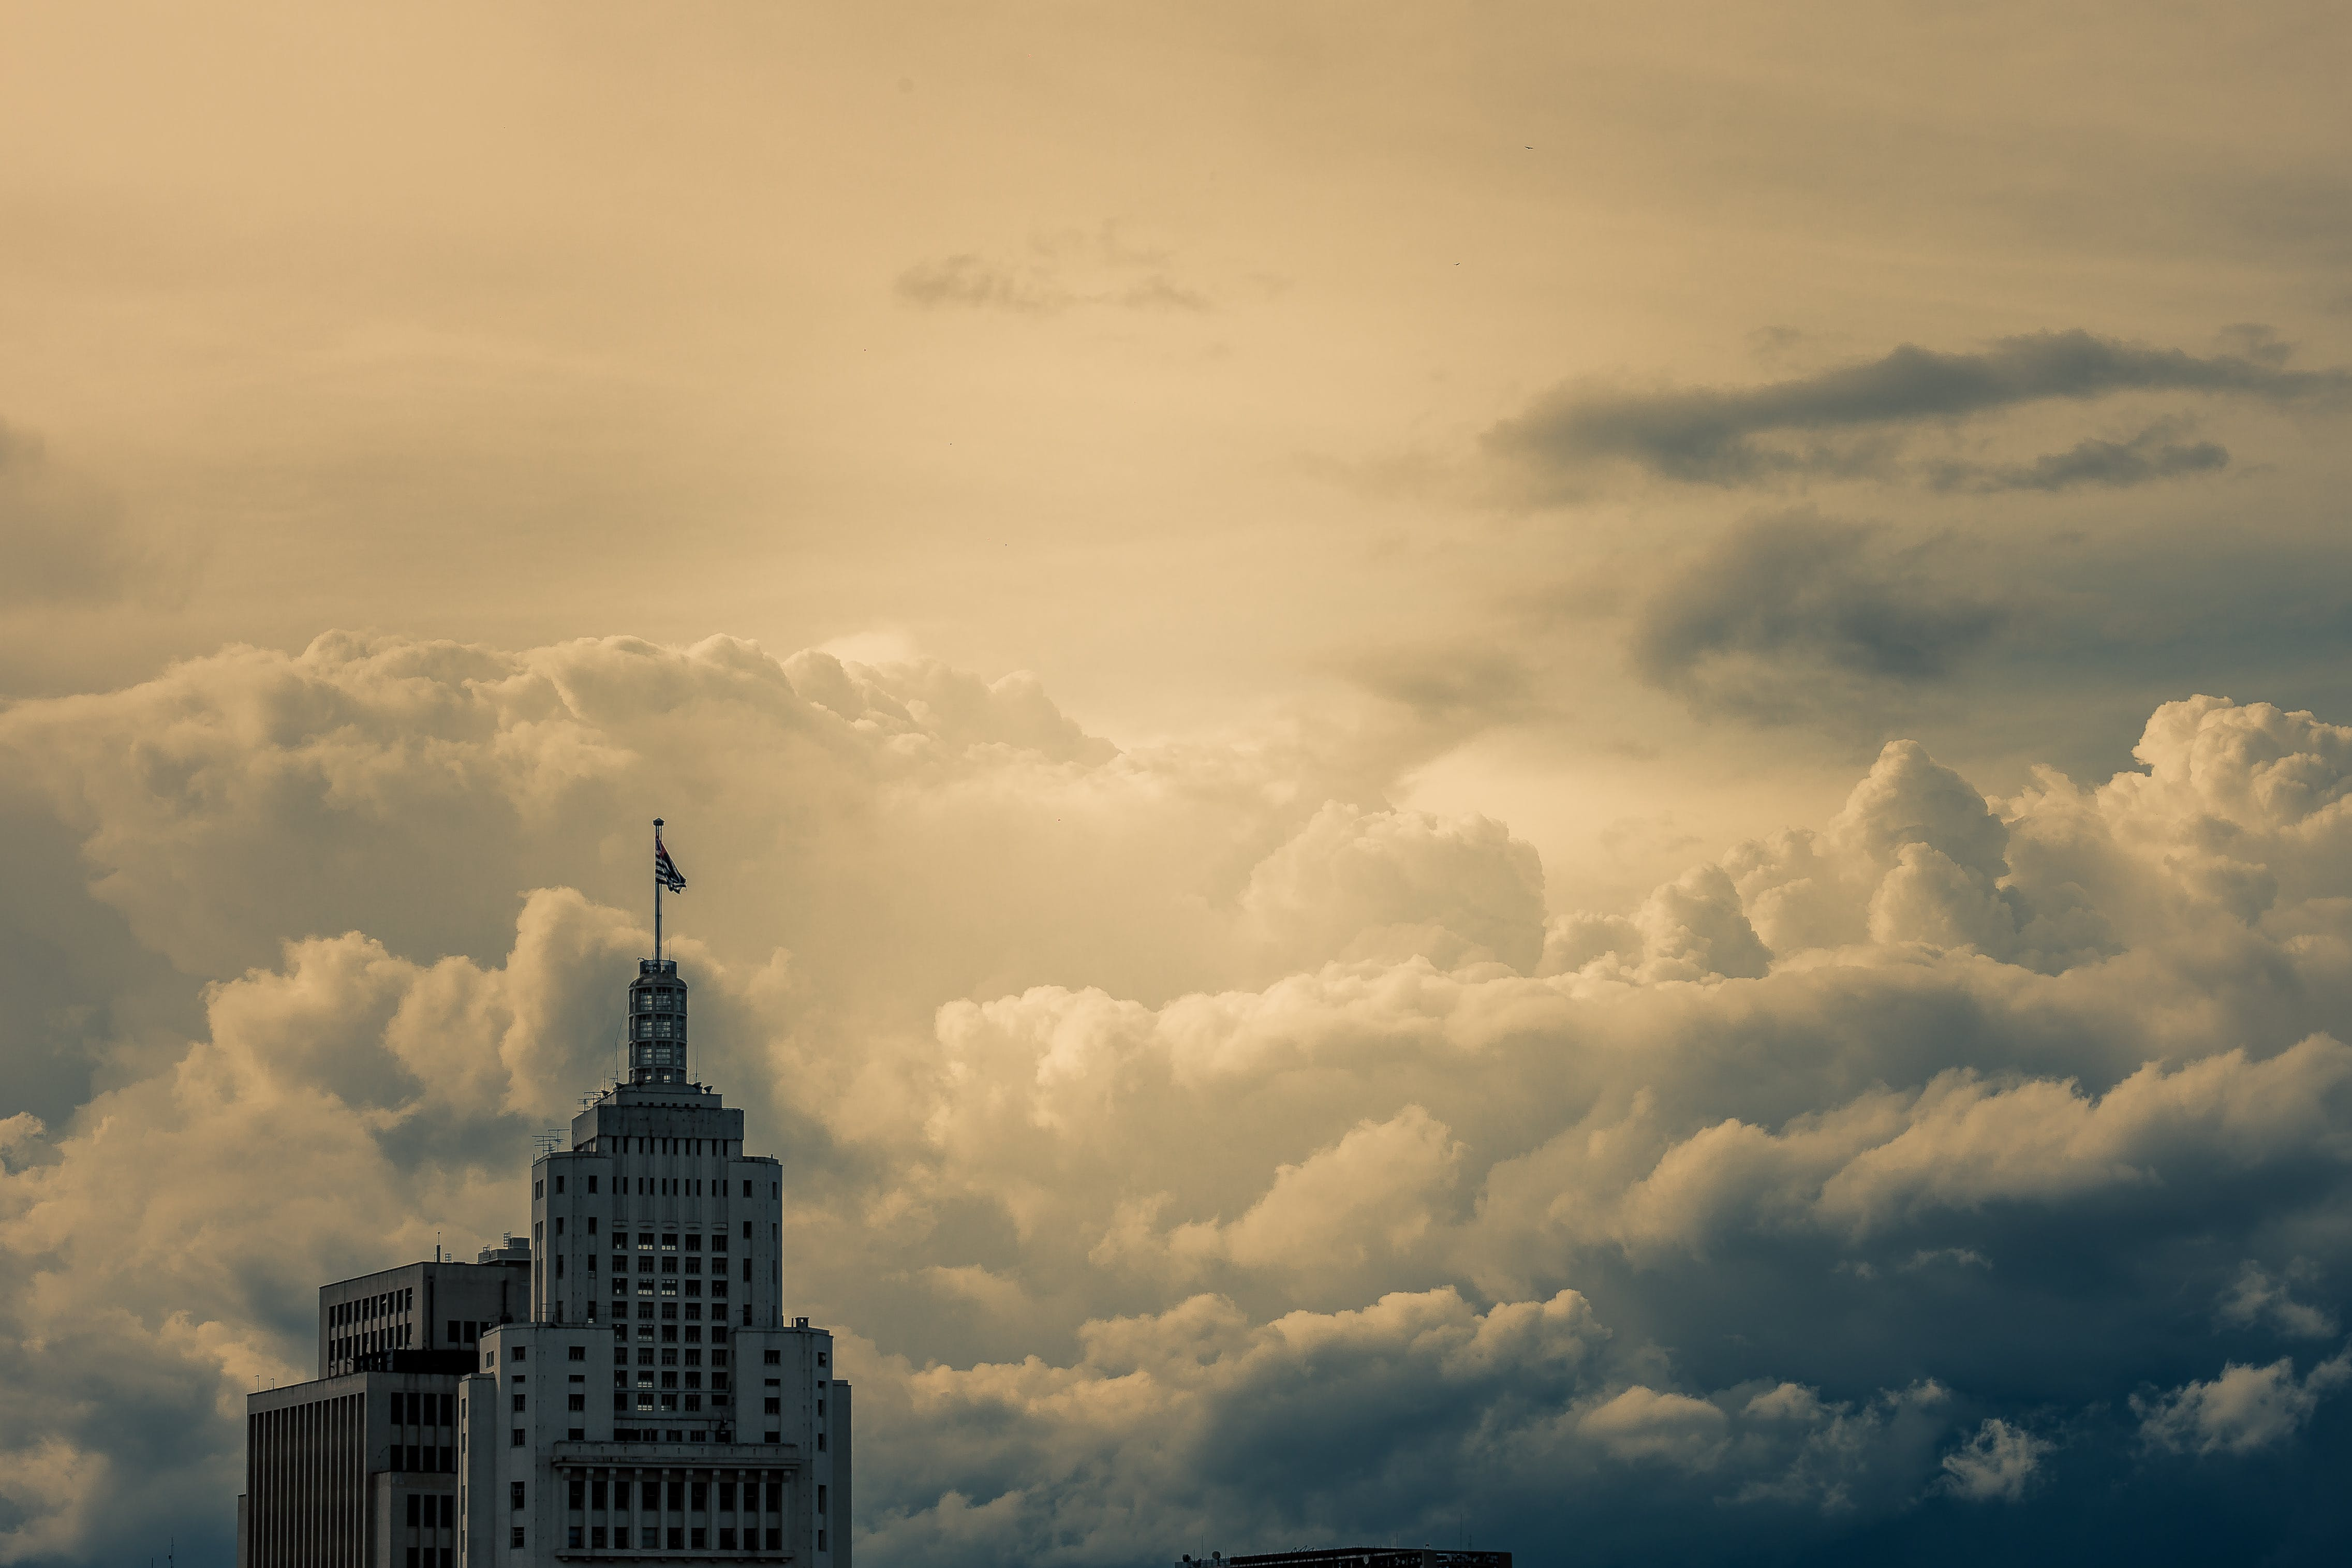 de alto, ao ar livre, arquitetura, arranha-céus